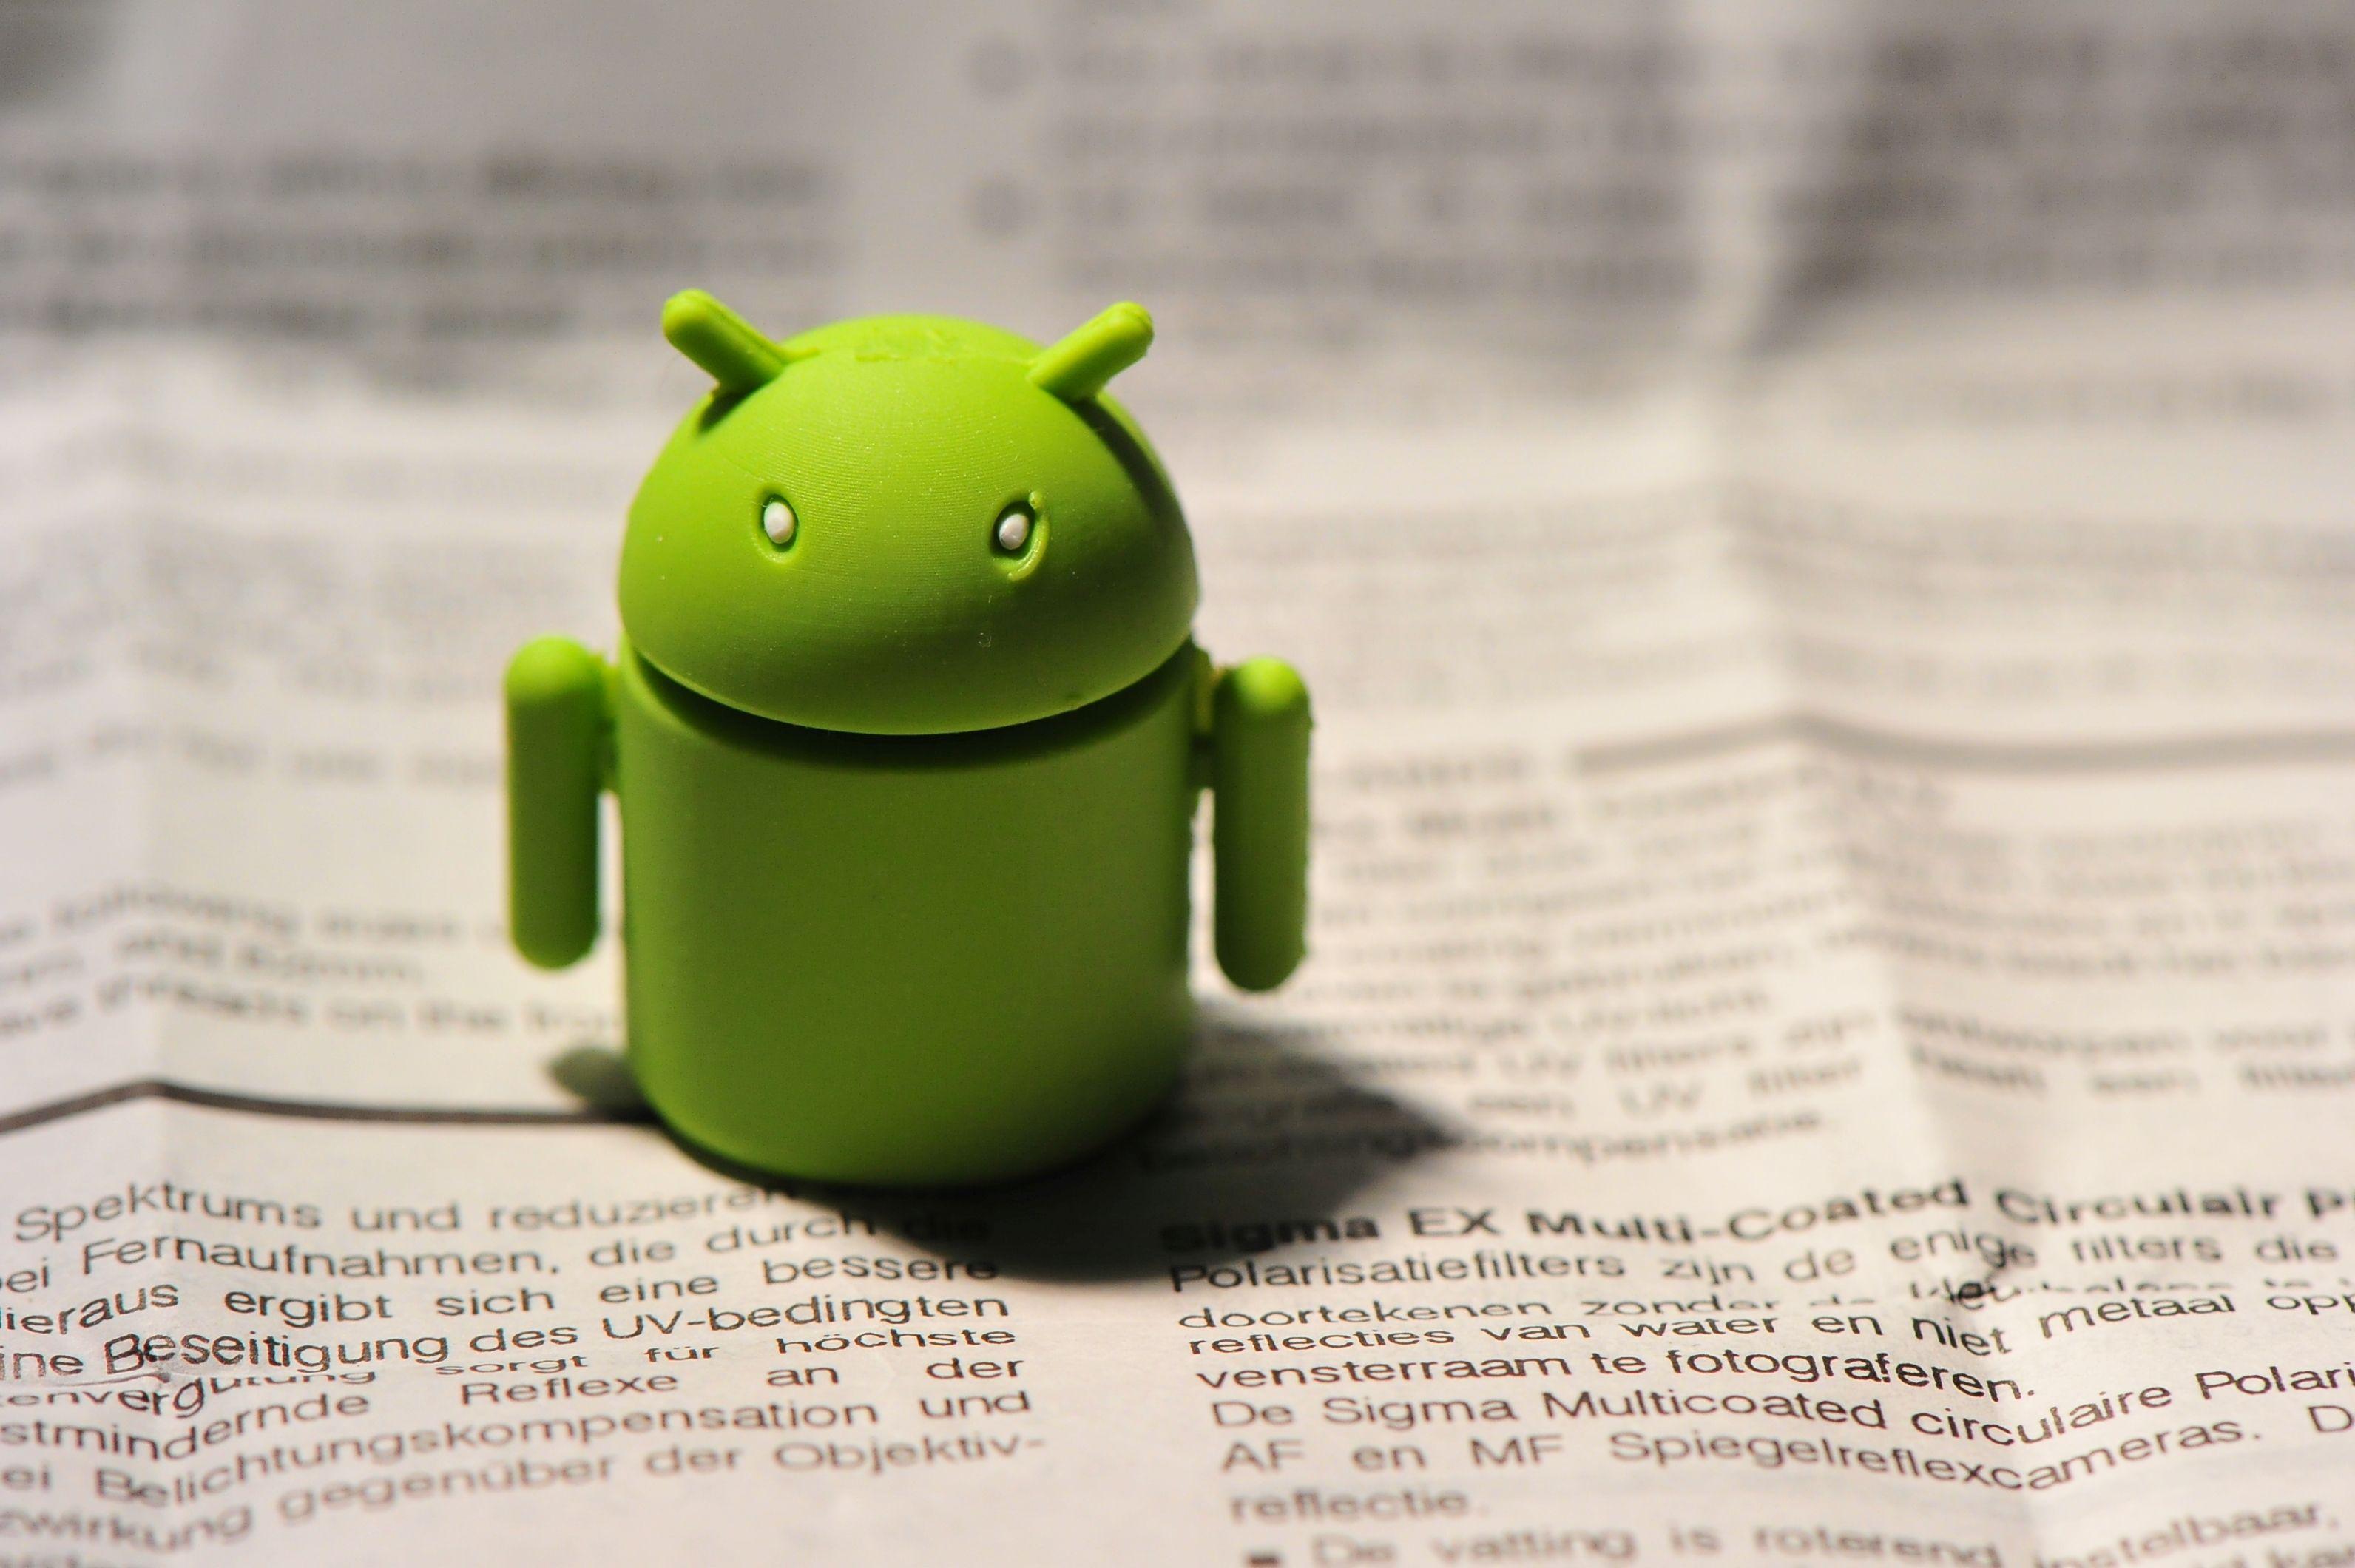 Kiderült, hogy mennyire sérülékeny az androidos telefonok titkosítása